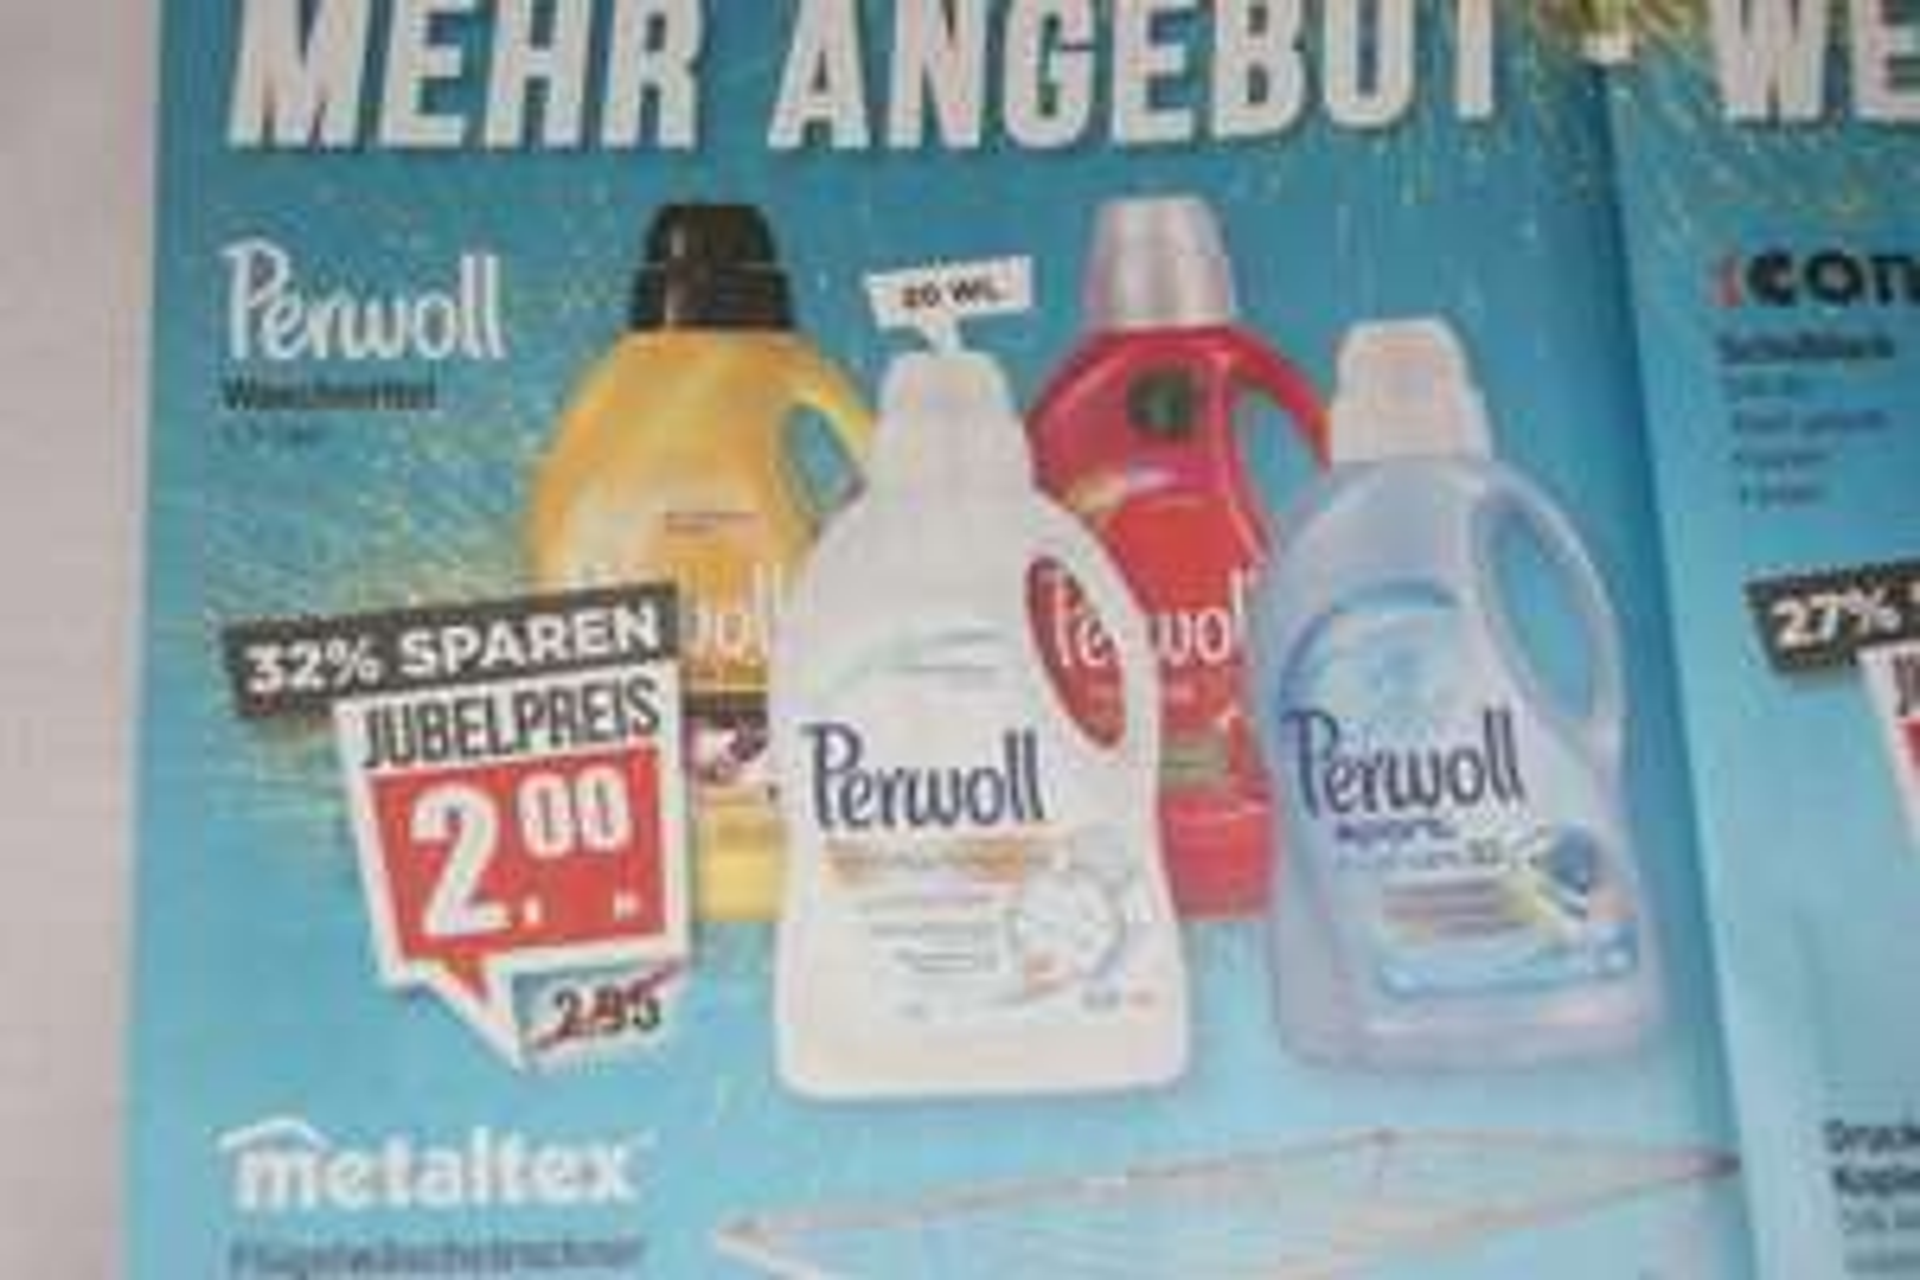 PERWOLL-Waschmittel für sehr günstige 2 Euro (20 WL) bei Mäc-Geiz bundesweit ab 29.4.